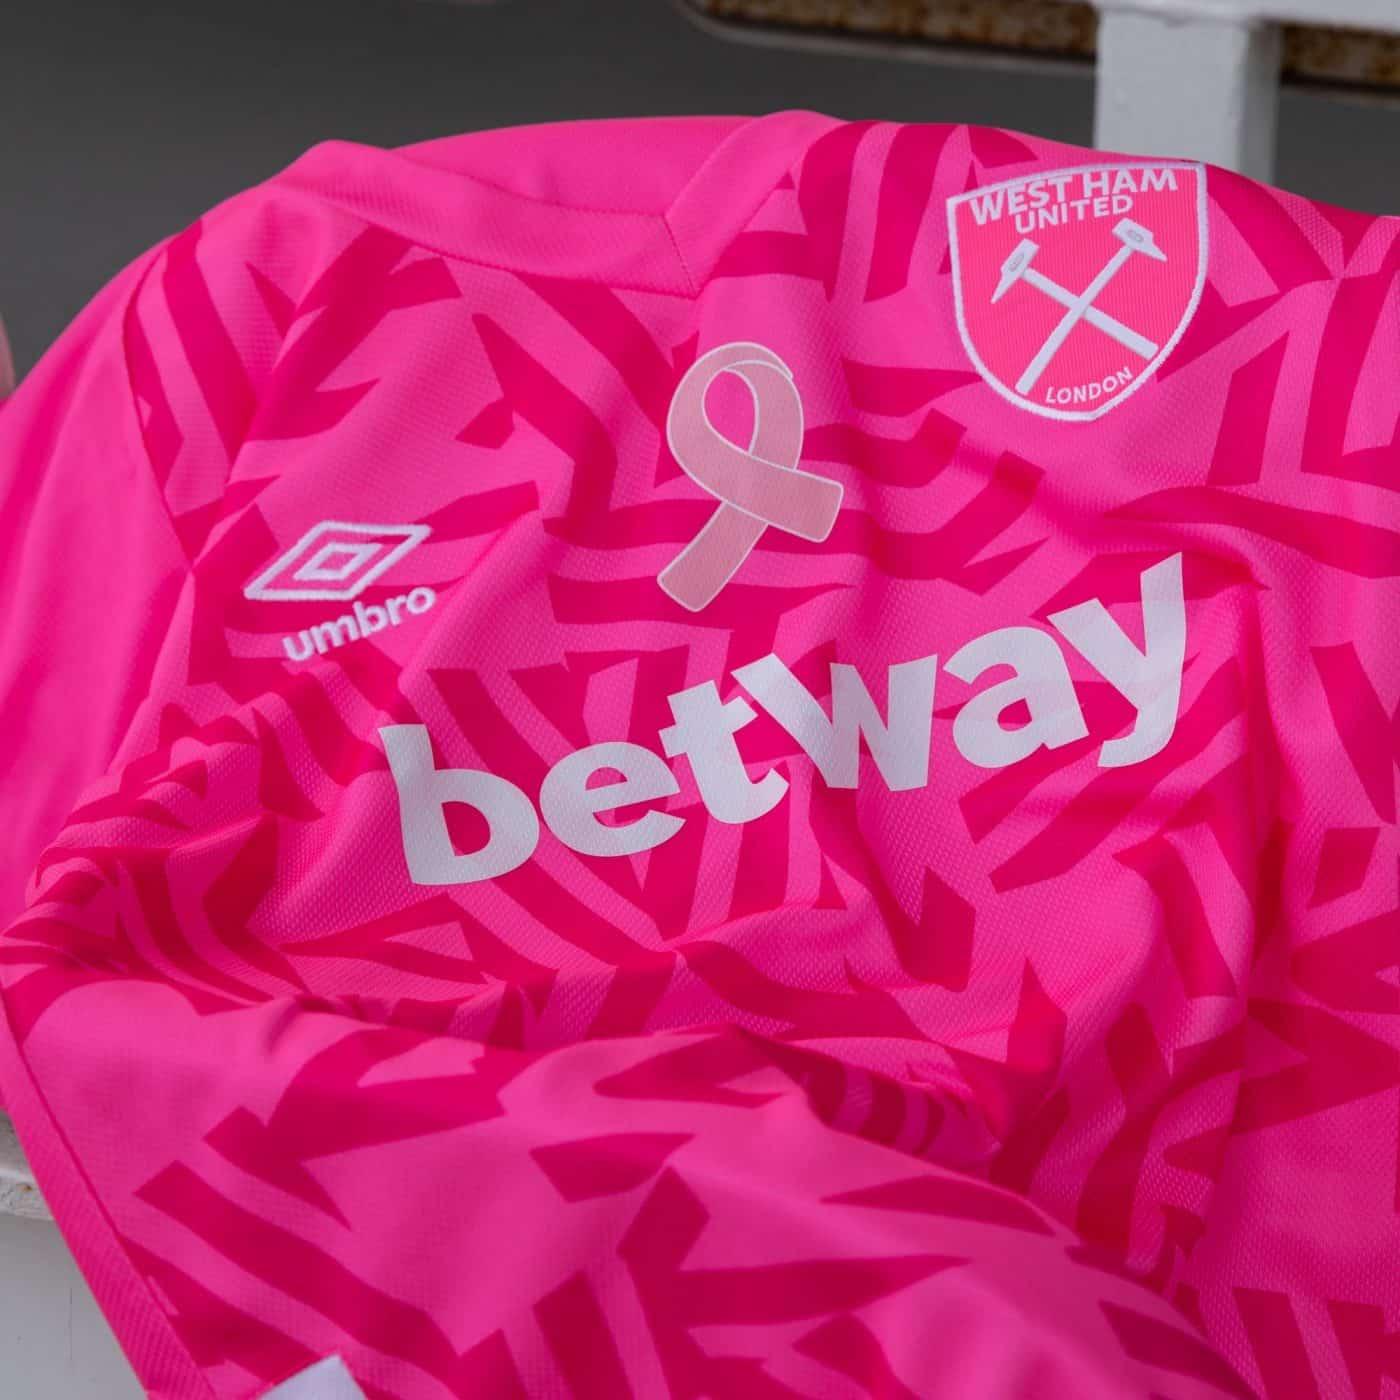 maillot-rose-swet-ham-united-cancer-du-sein-octobre-rose-1